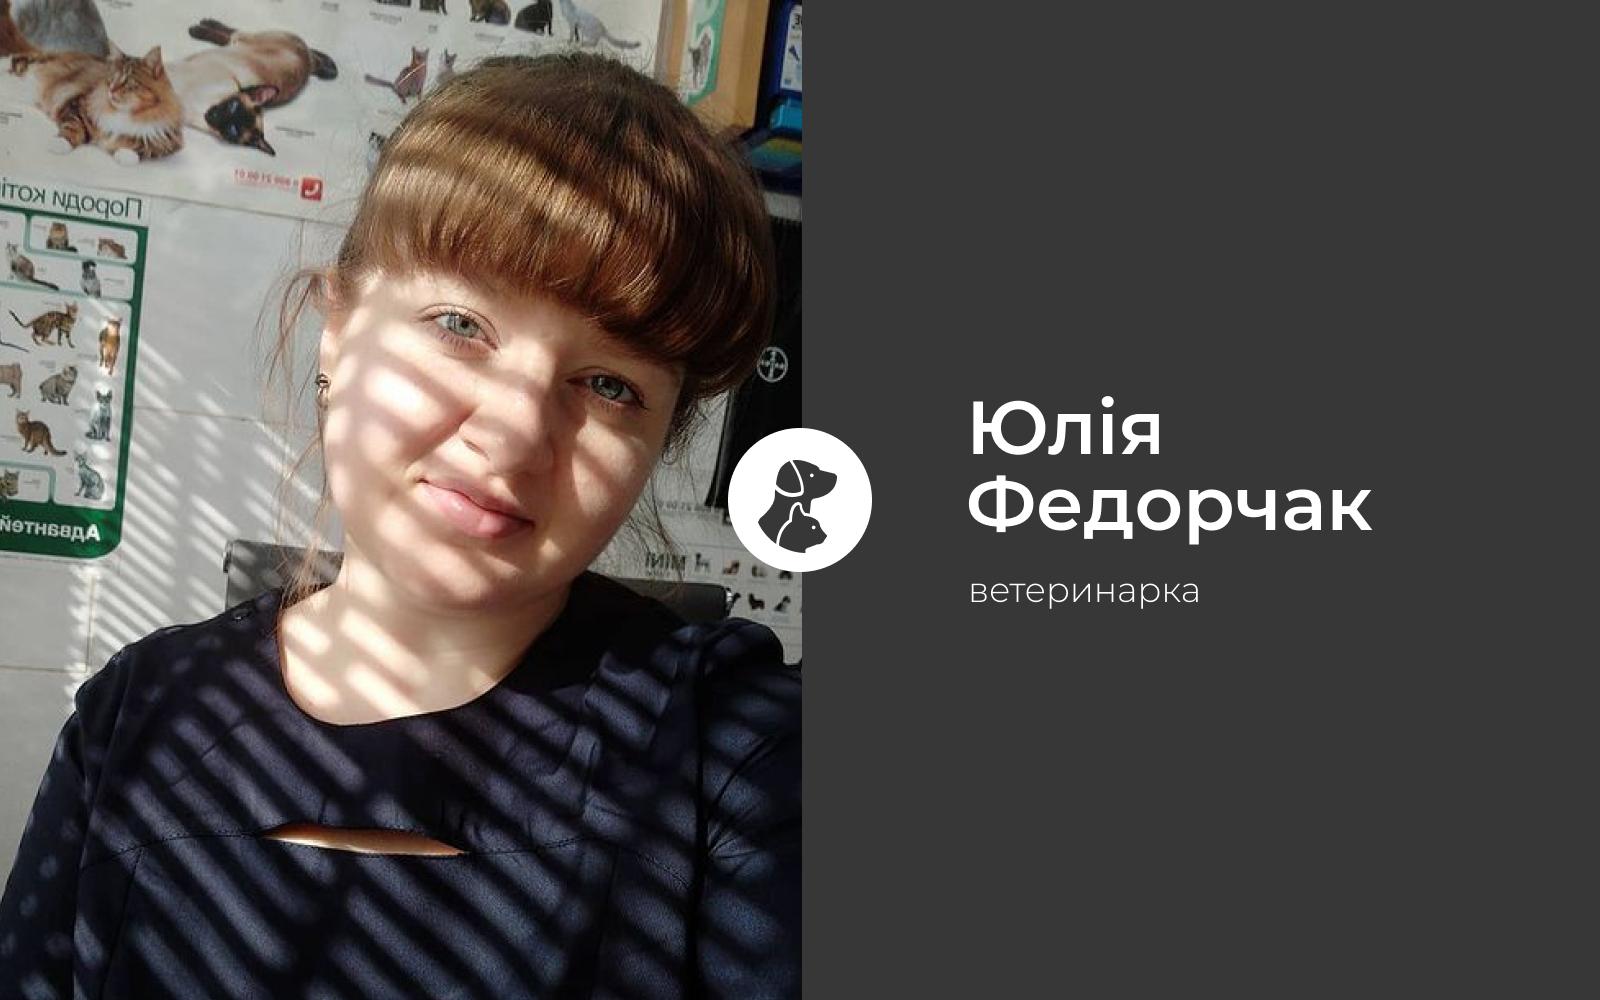 Юлія Федорчак